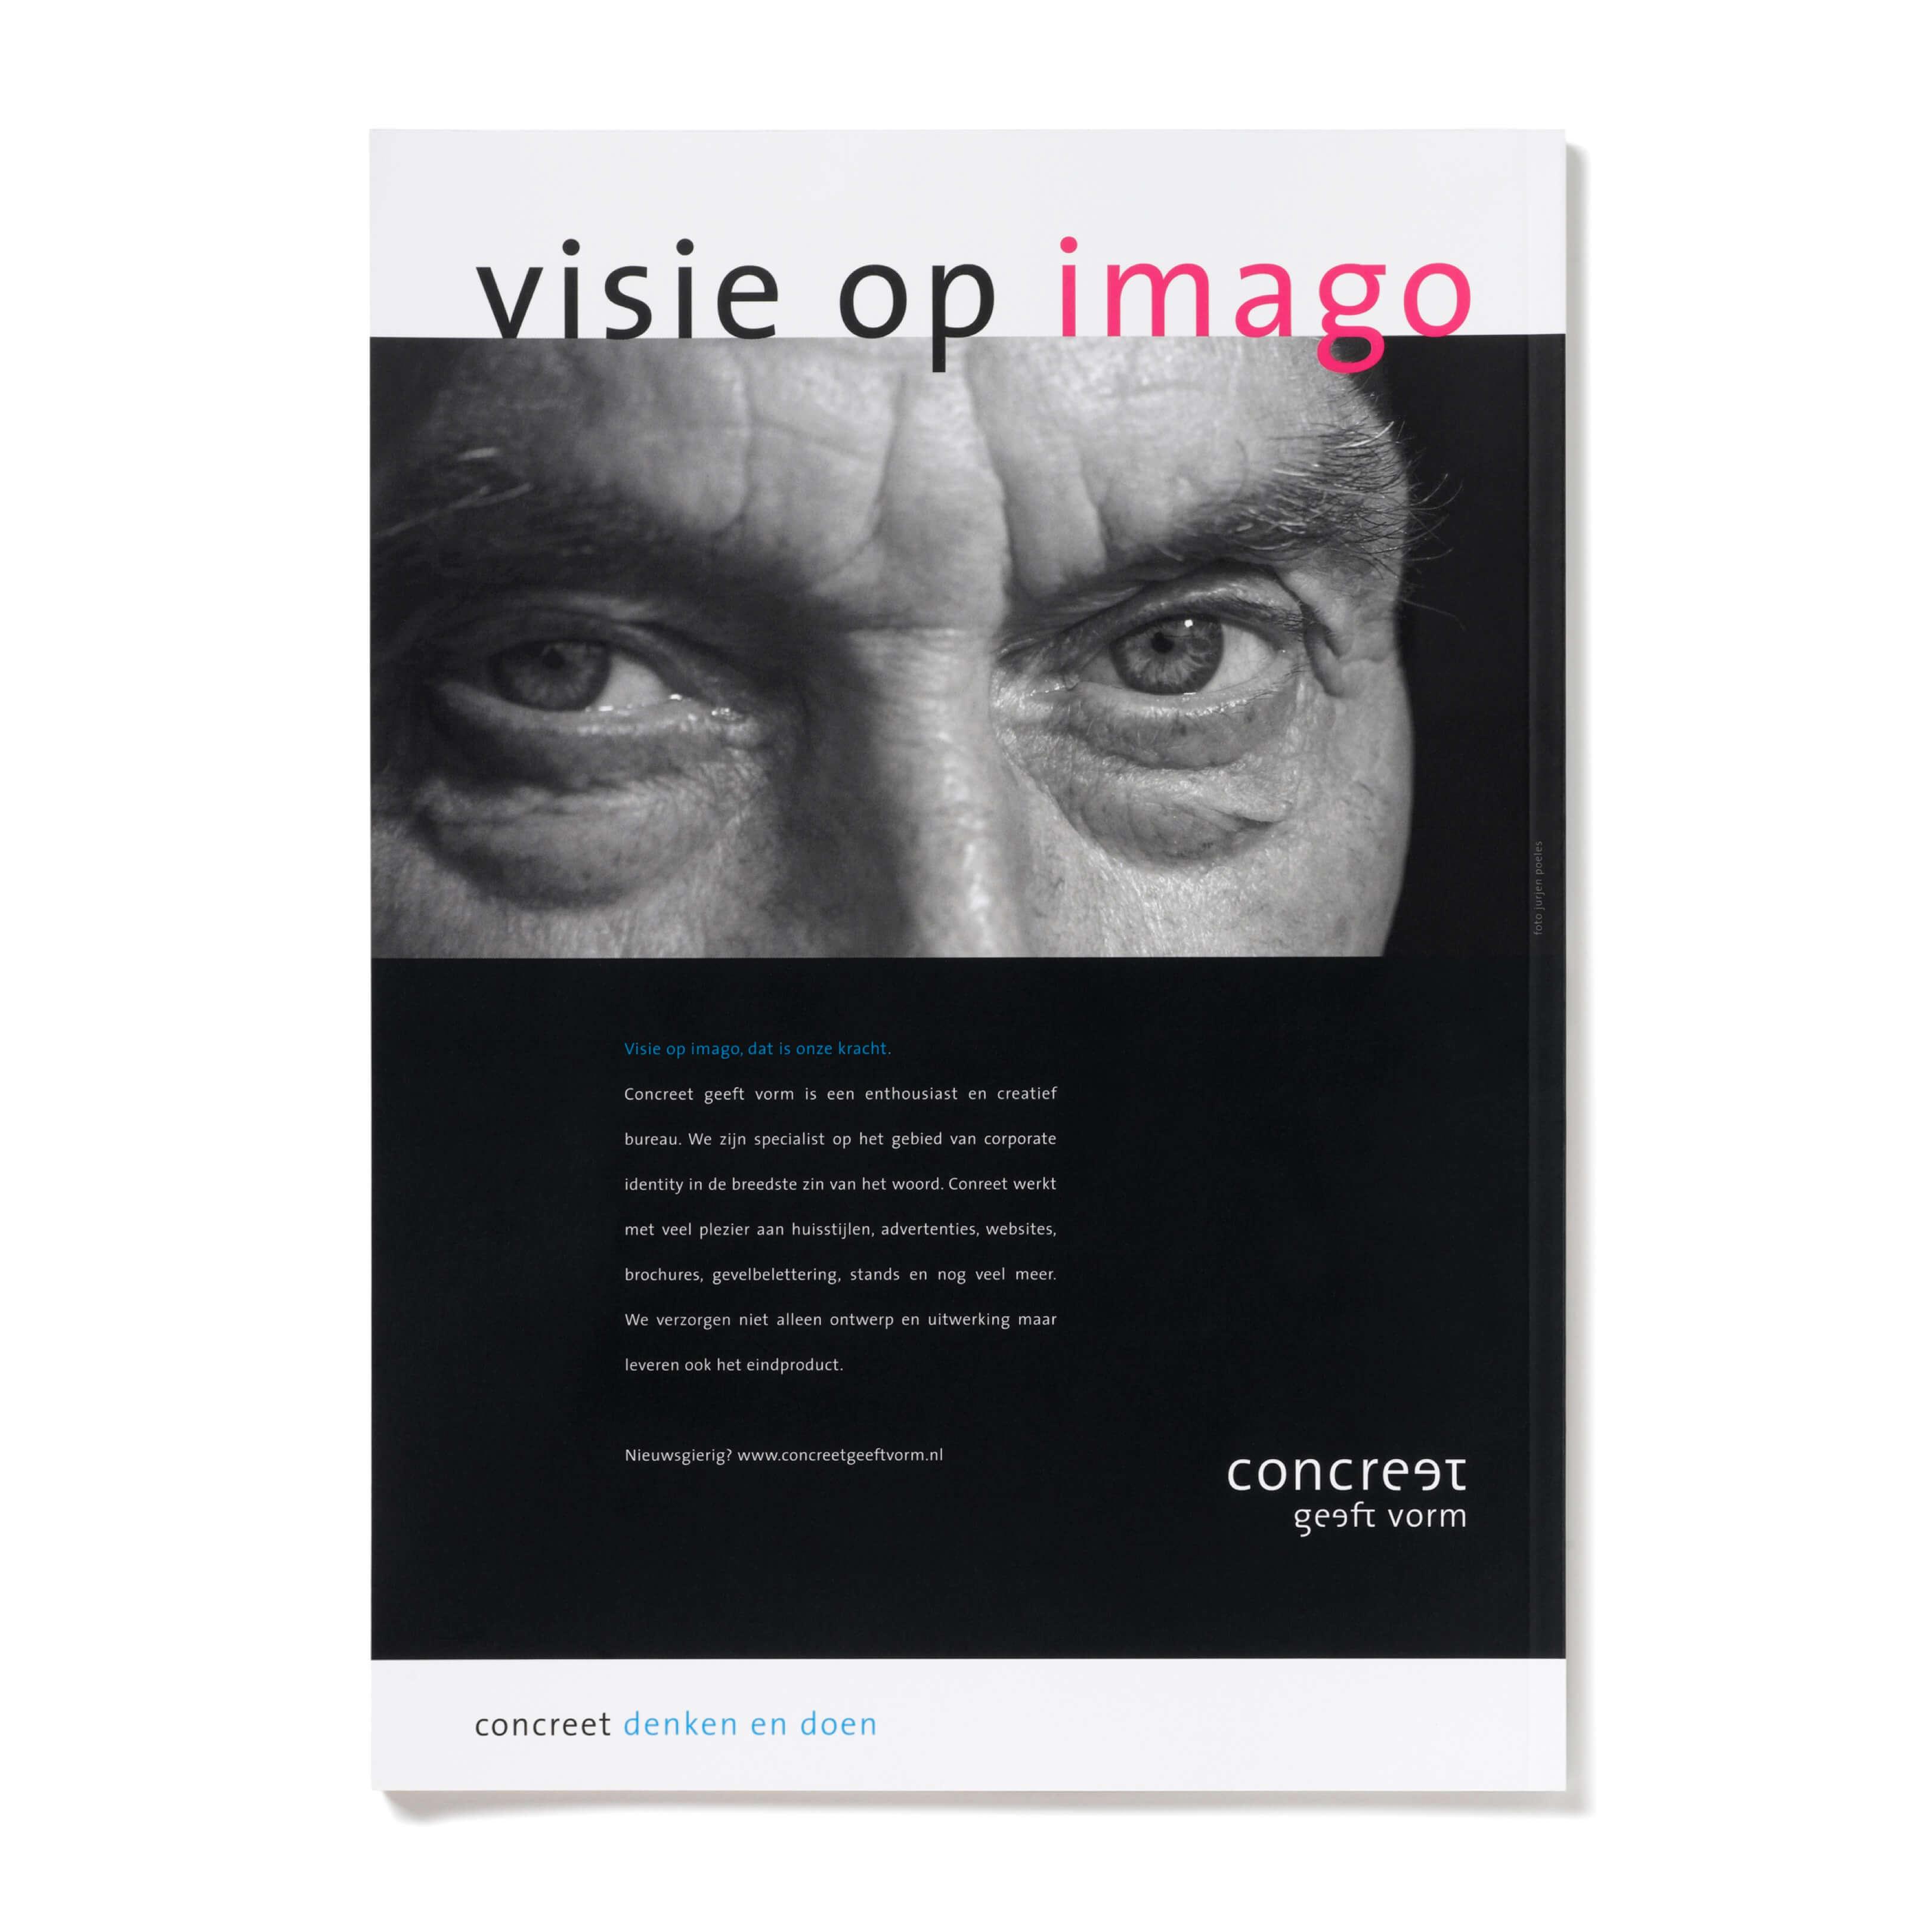 Jurjen Poeles Fotografie advertentie Concreet geeft vorm portret gezicht Amersfoort